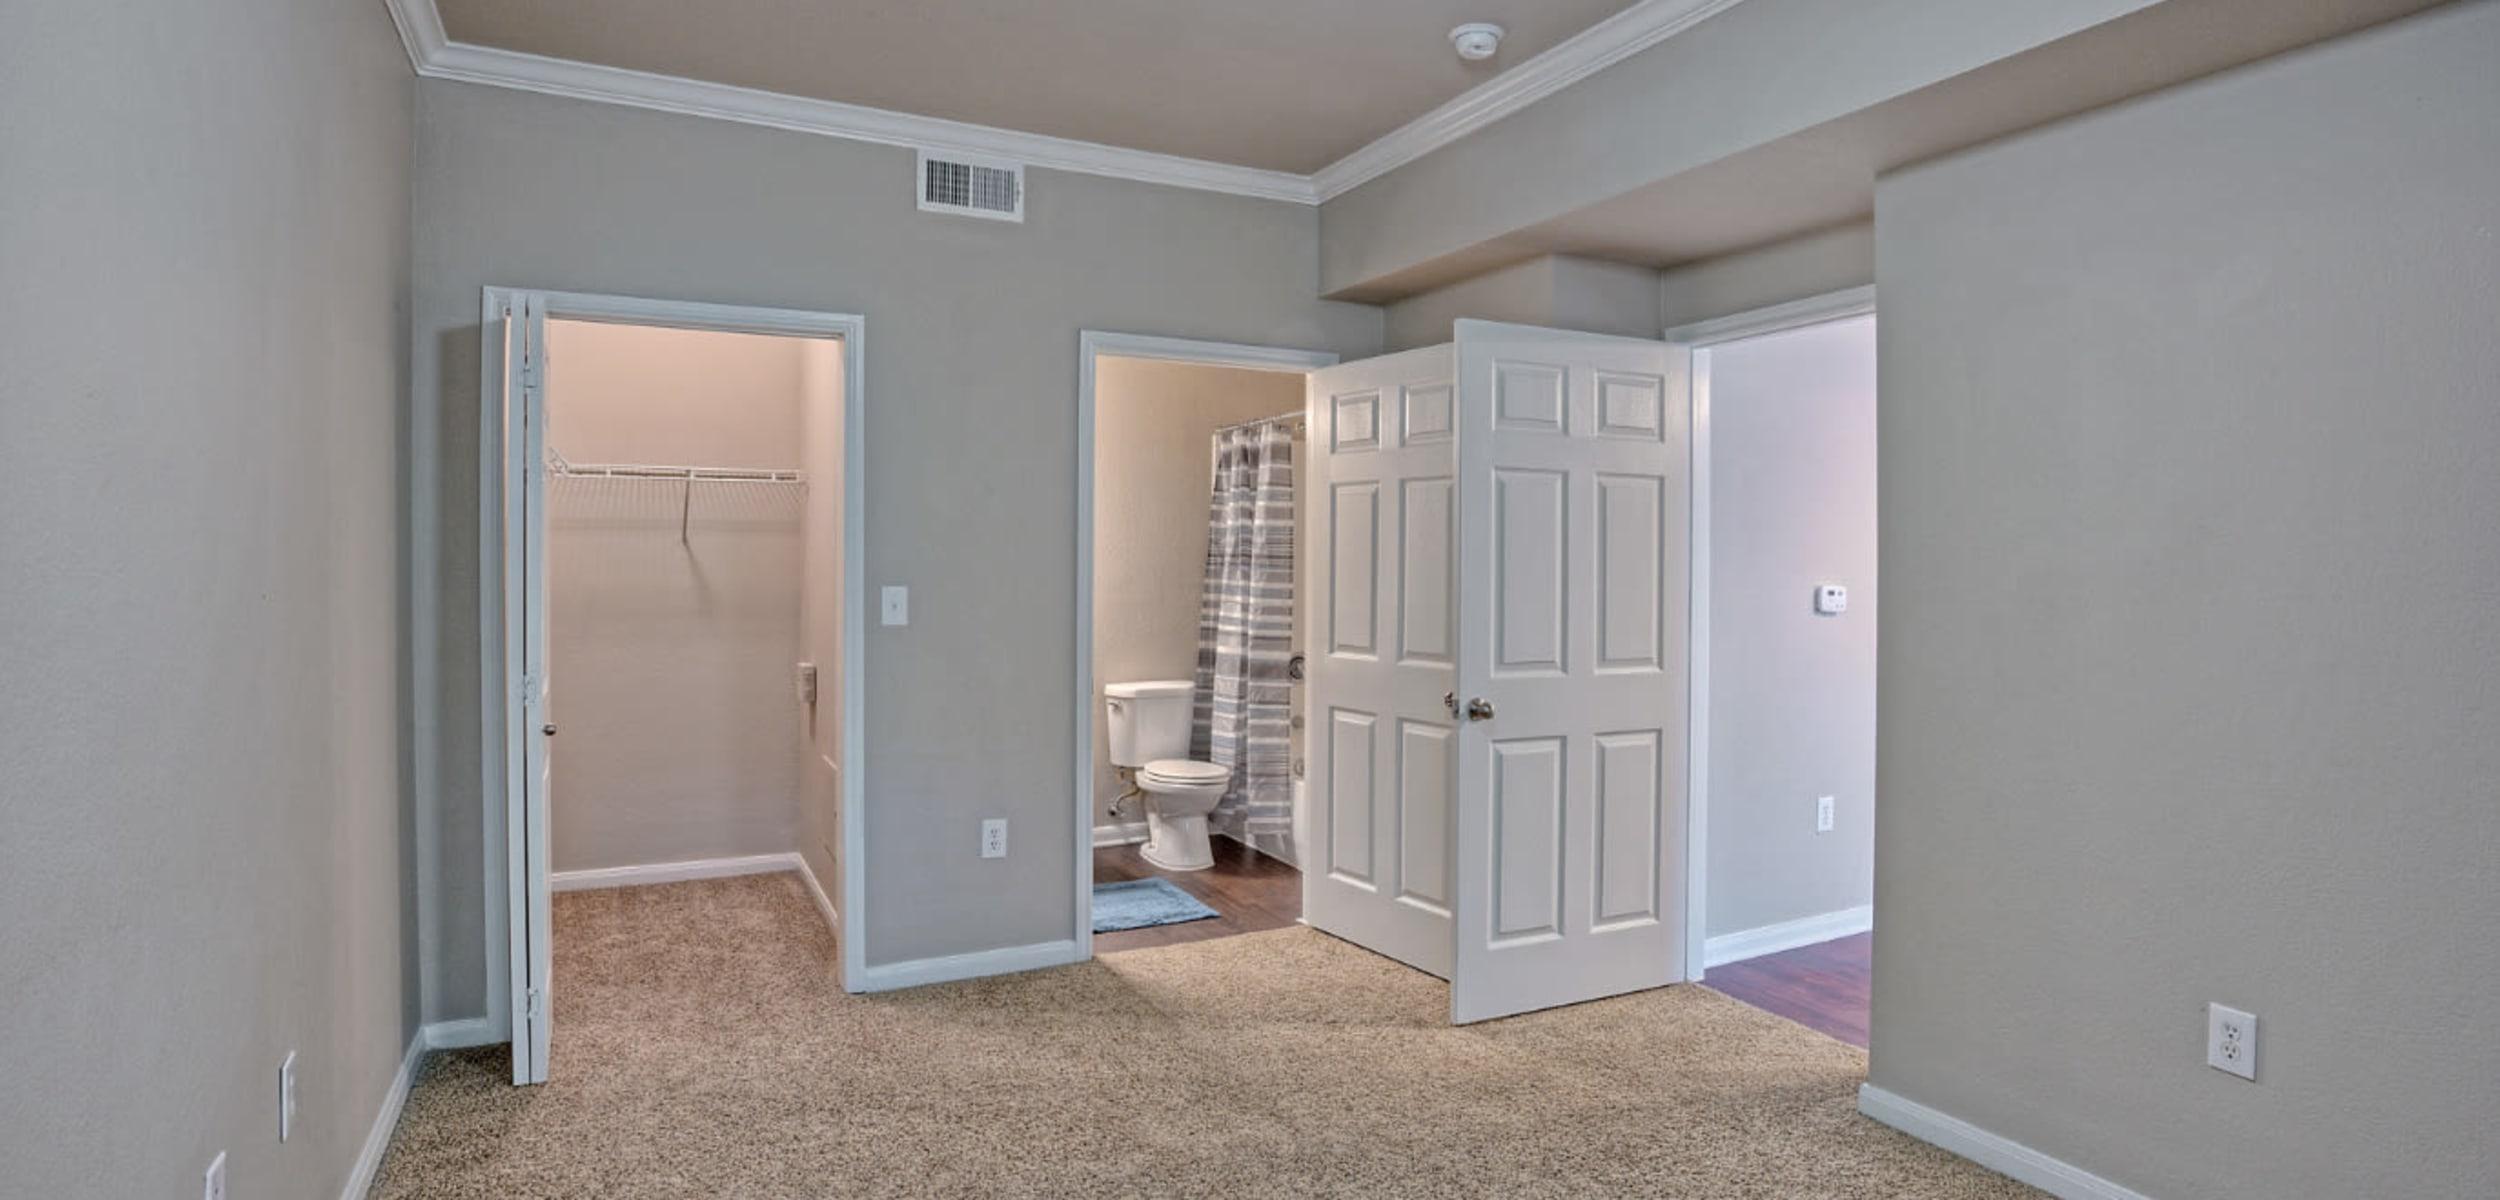 Master bedroom with walk-in closet and bathroom at Marquis Bandera in San Antonio, Texas